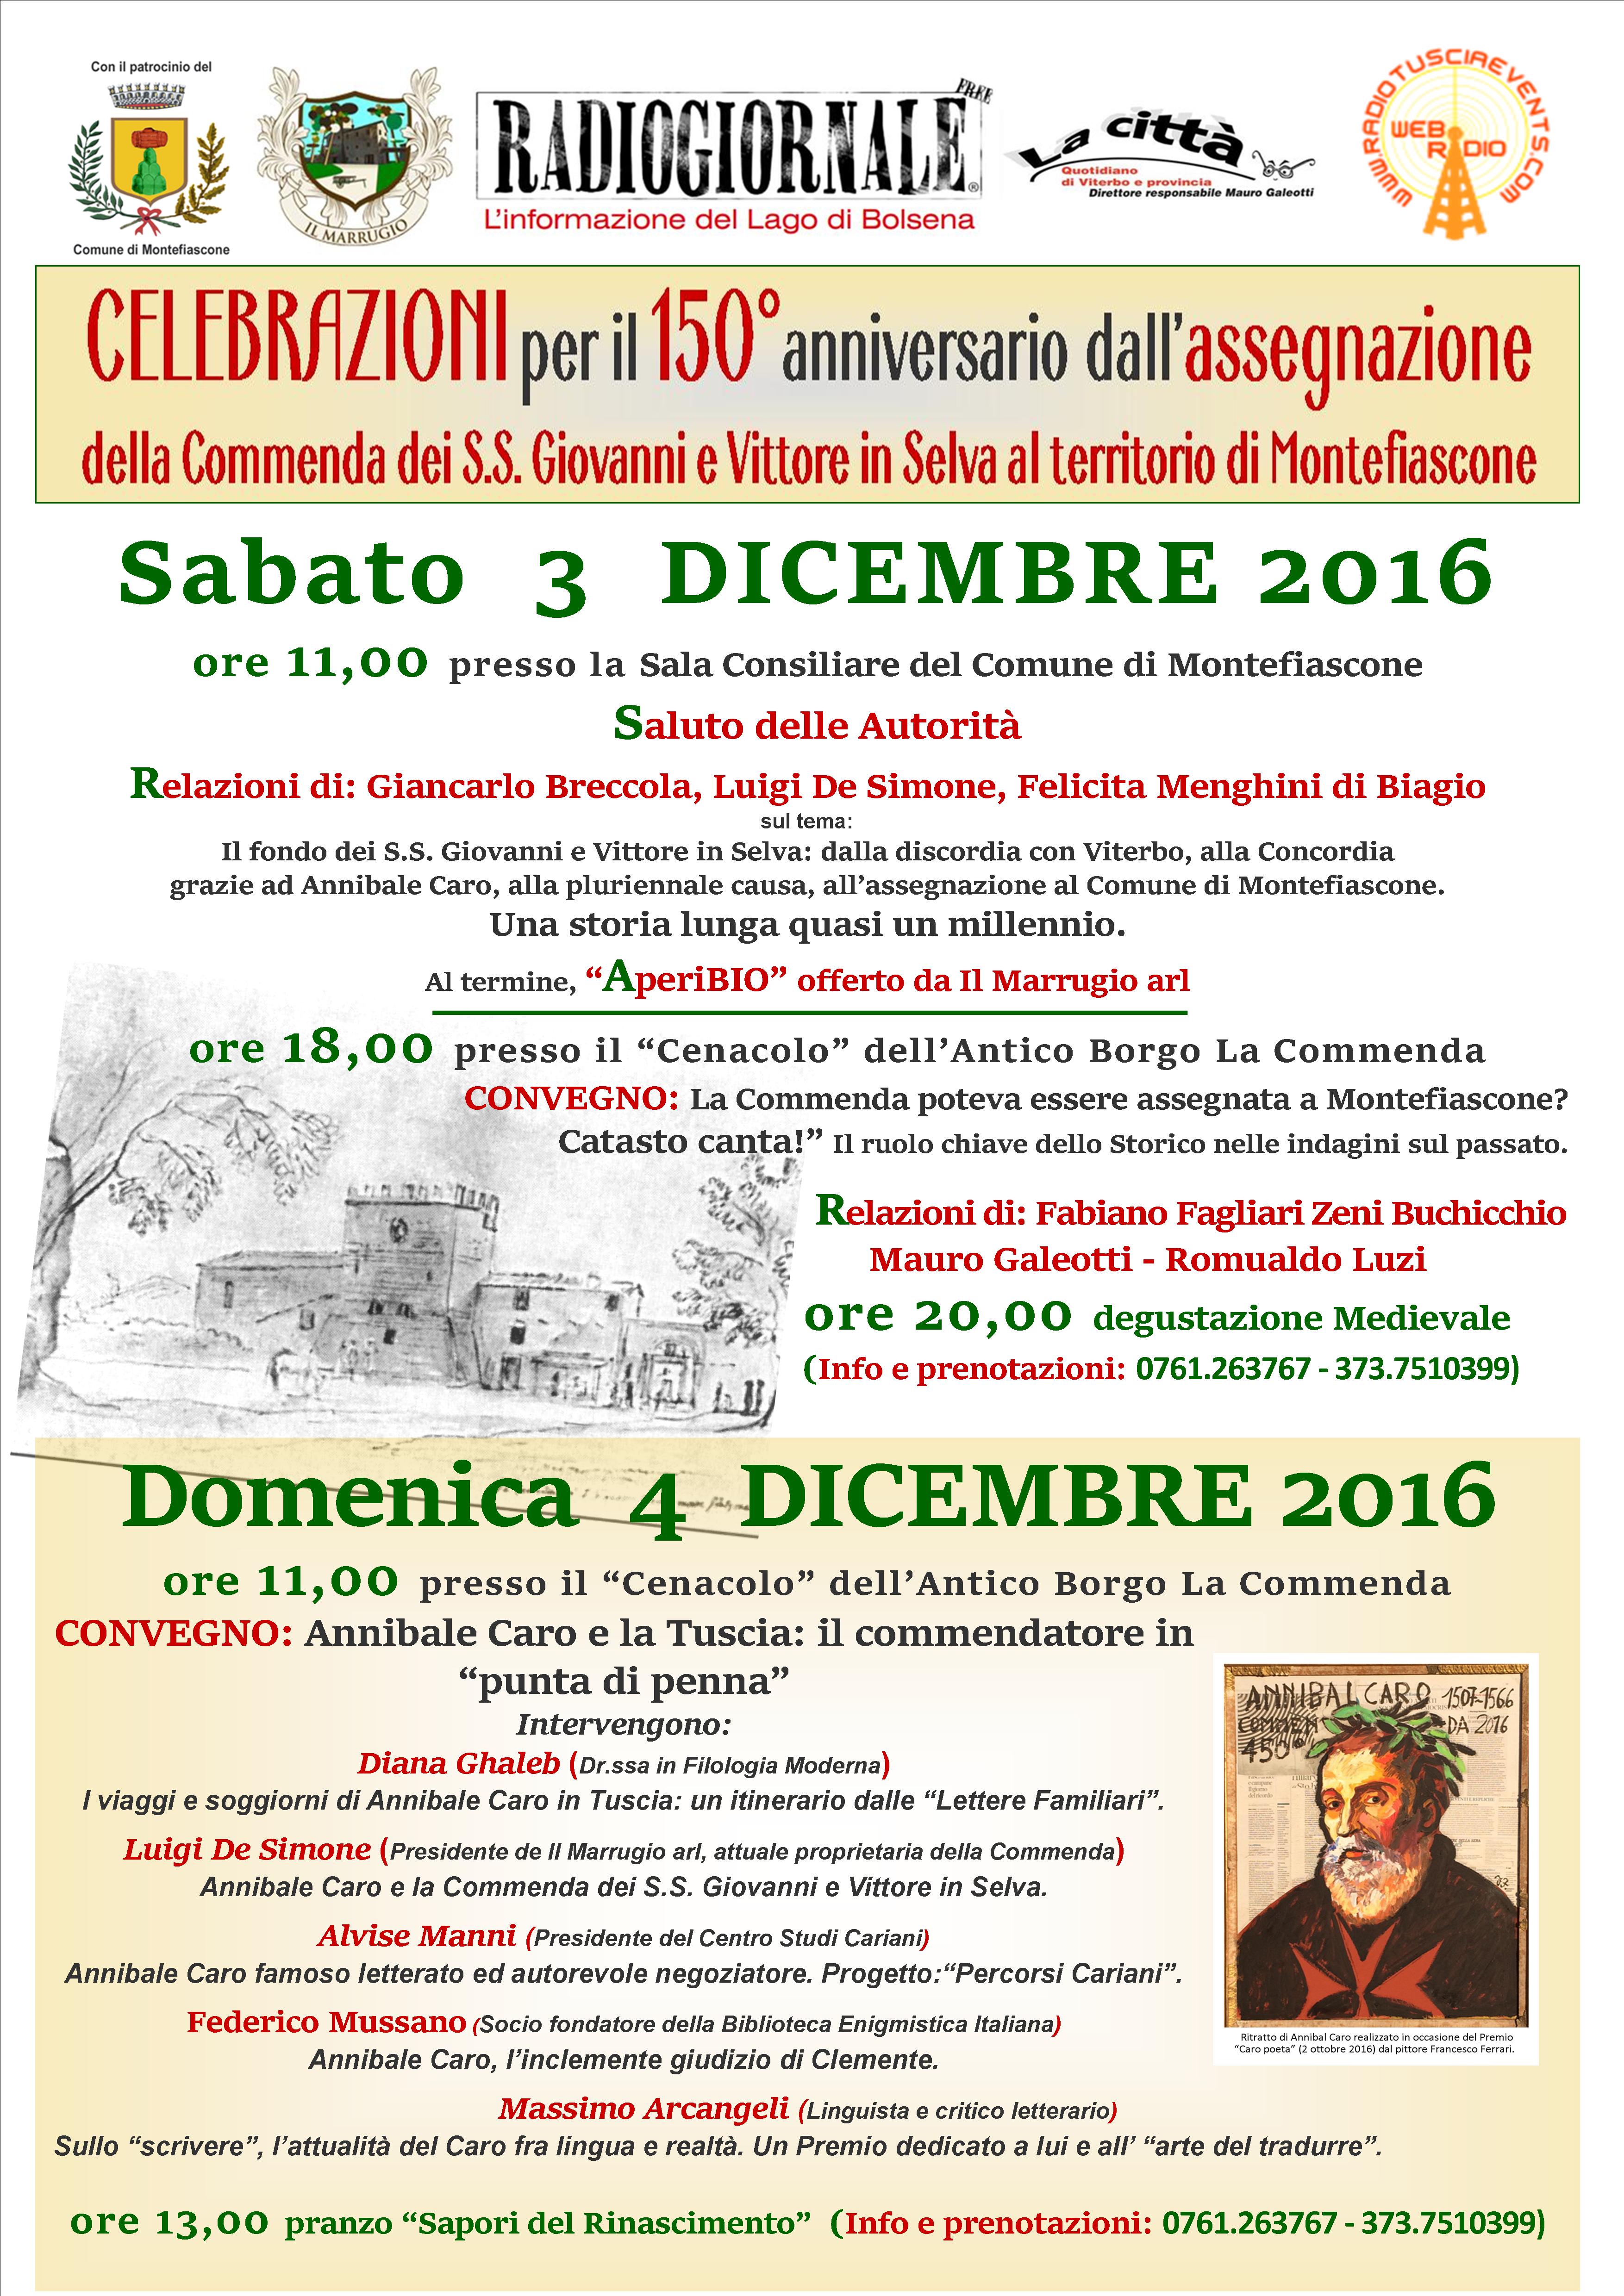 150°anniversario dall'assegnazione  dellaCommenda dei S.S. Giovanni e Vittore in Selva al territorio di Montefiascone